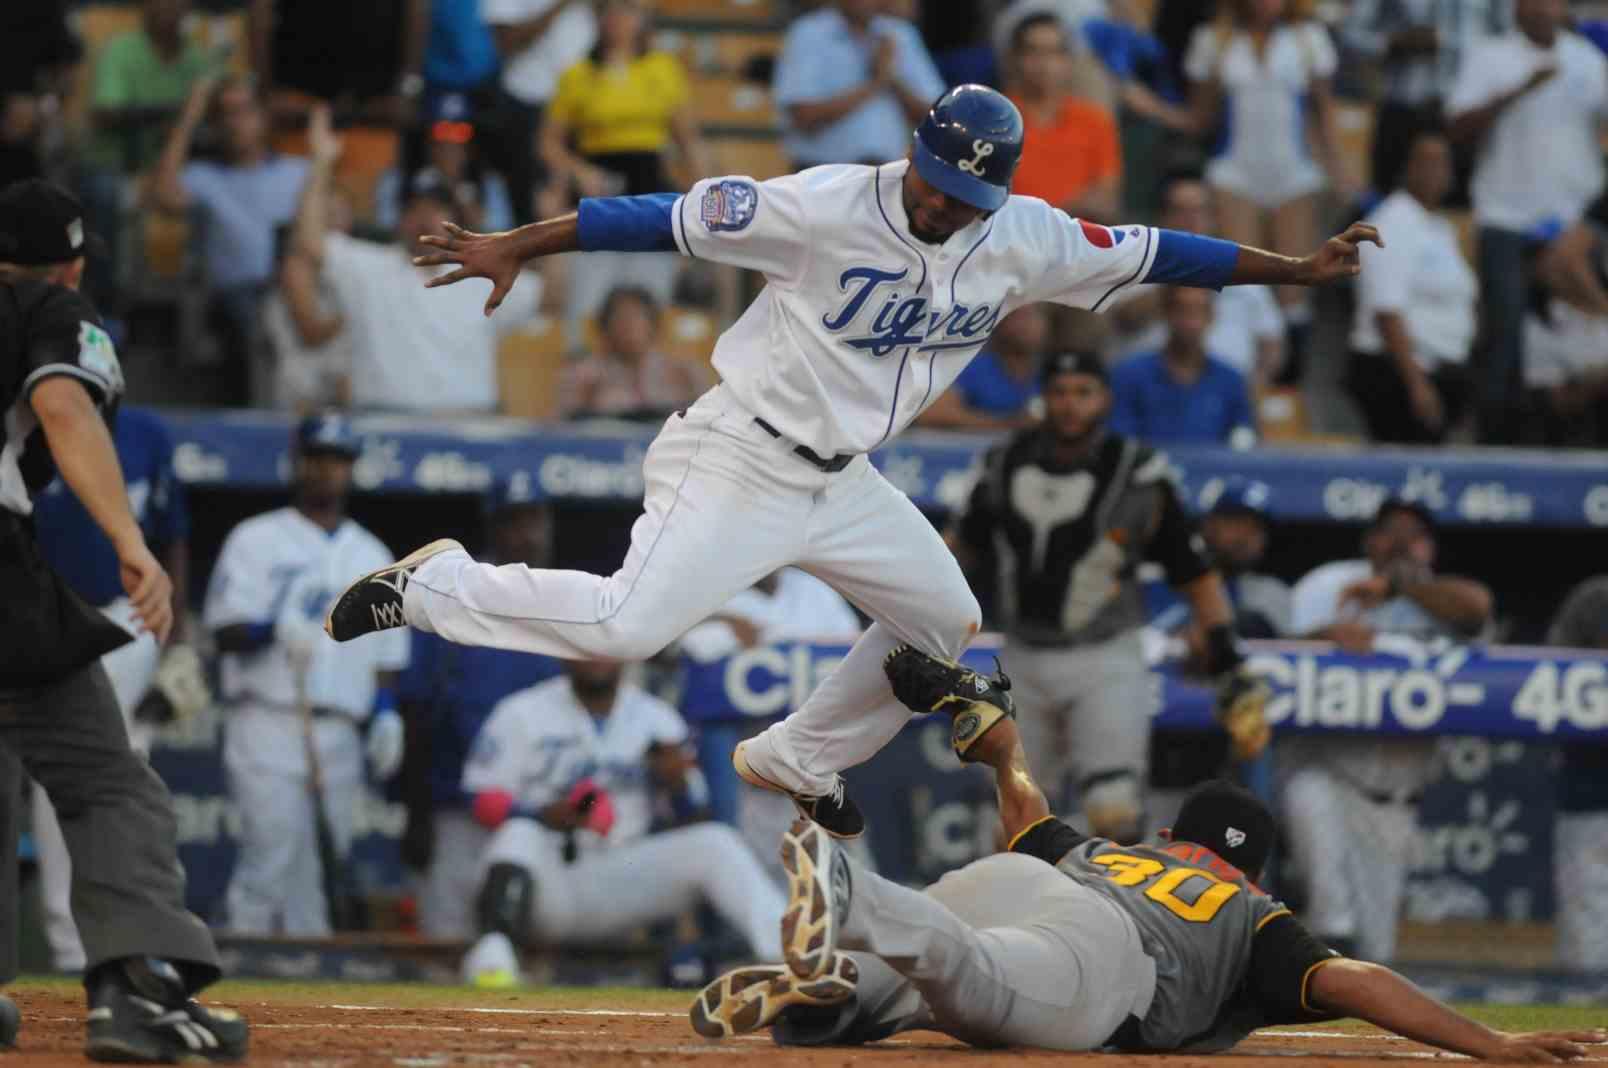 Reyes, Elmer (vs Aguilas, Nov 23, 2014) a